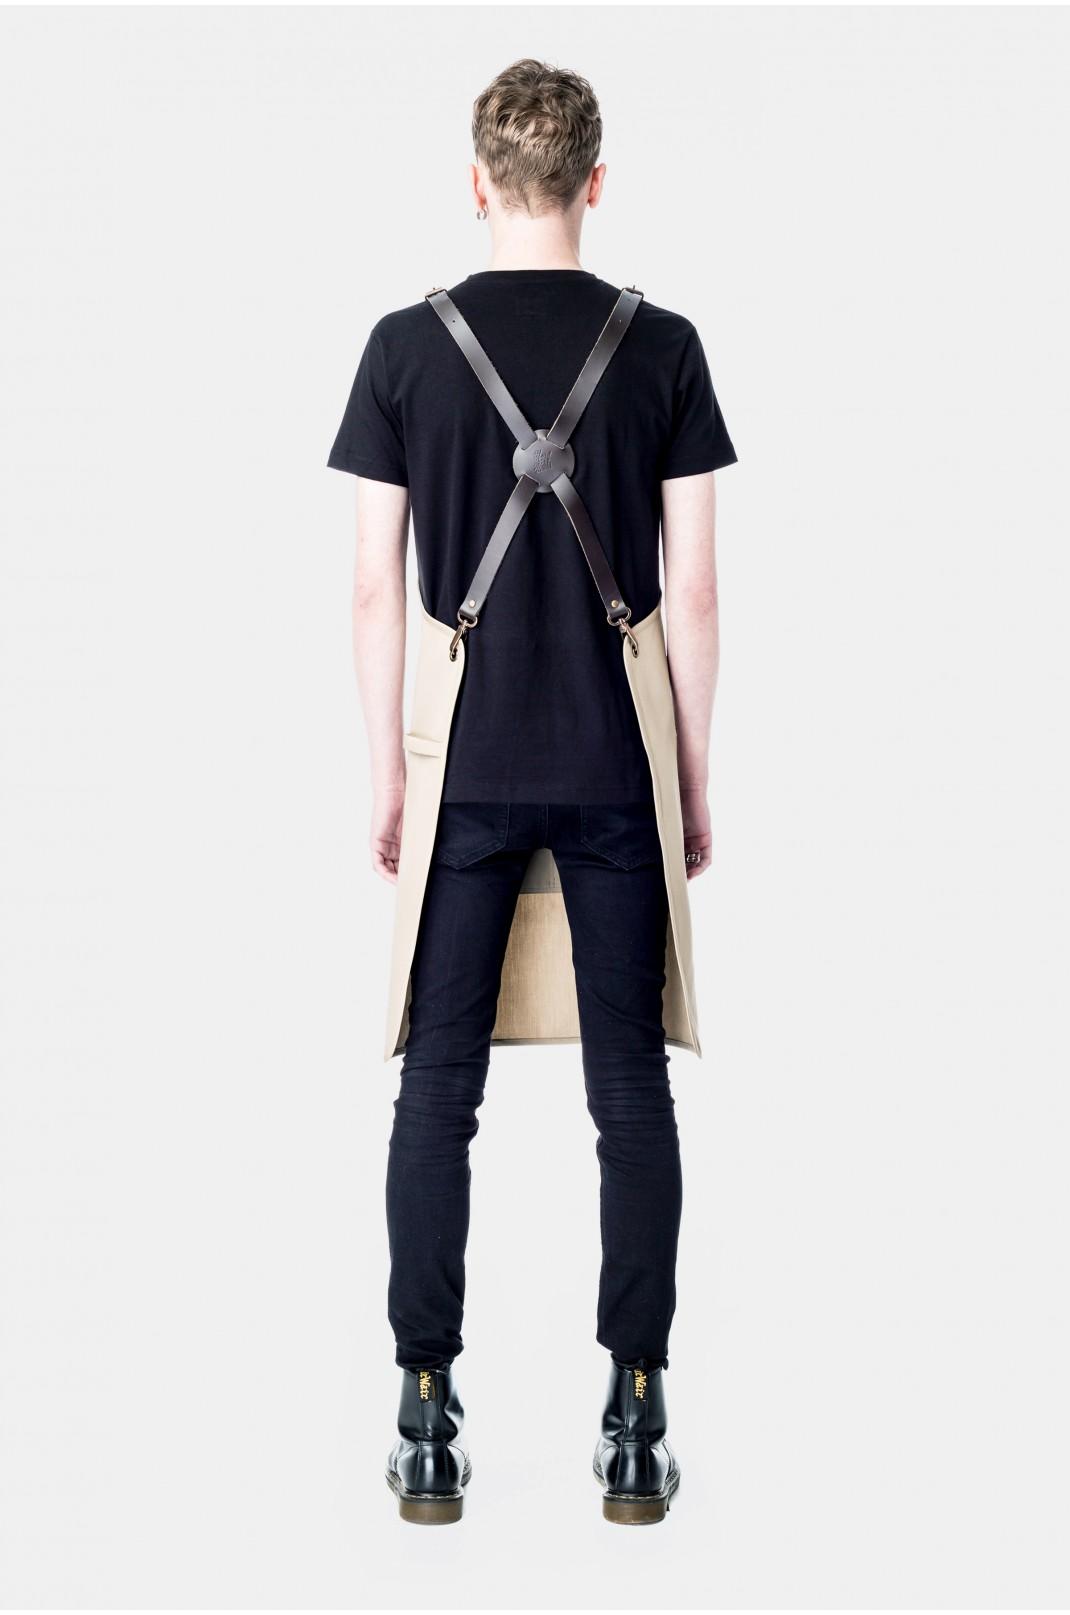 Safari Brown Leather Braces